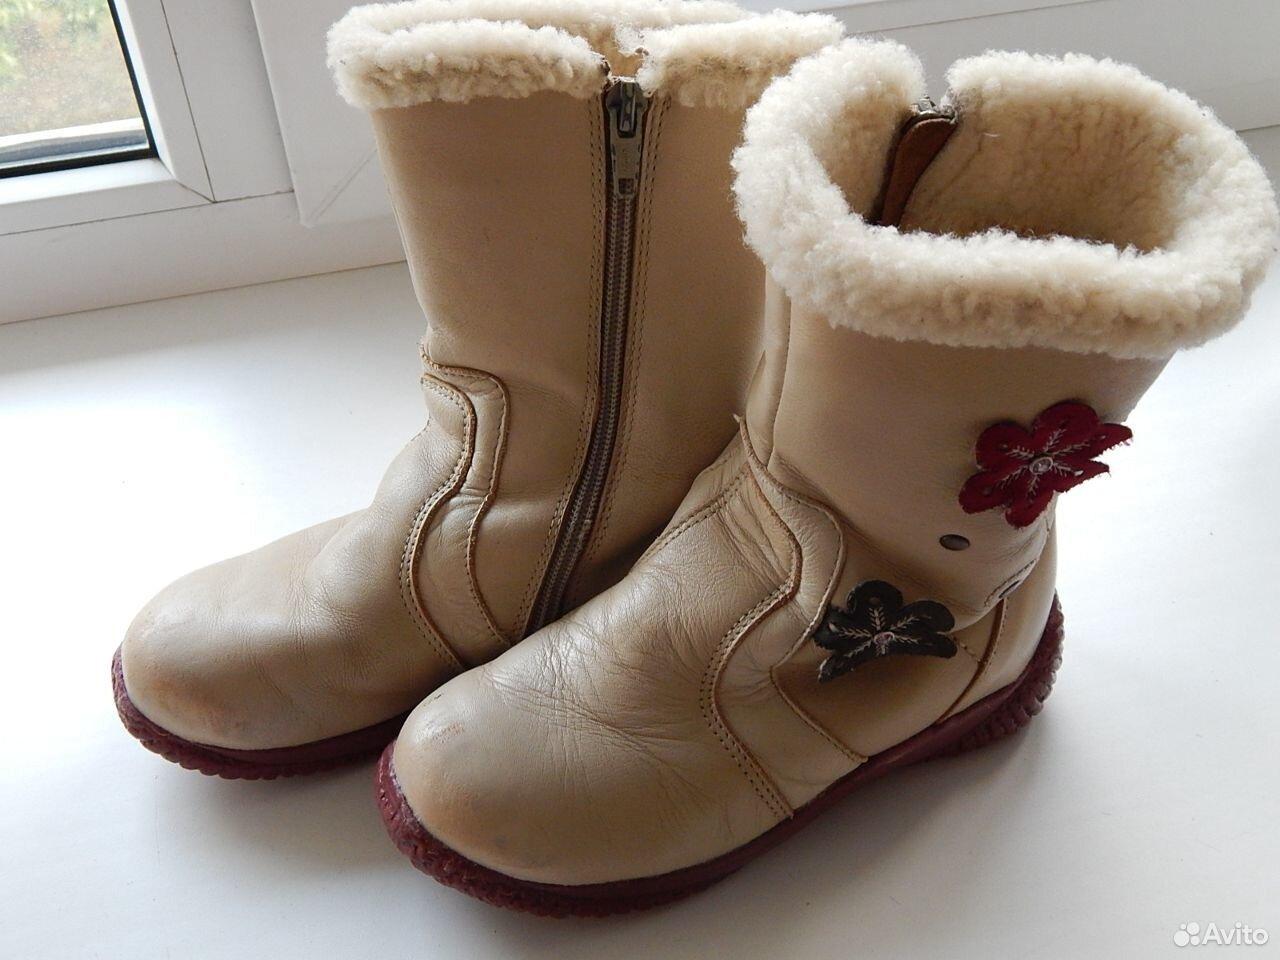 Сапоги кожаные, теплые  89614983783 купить 1